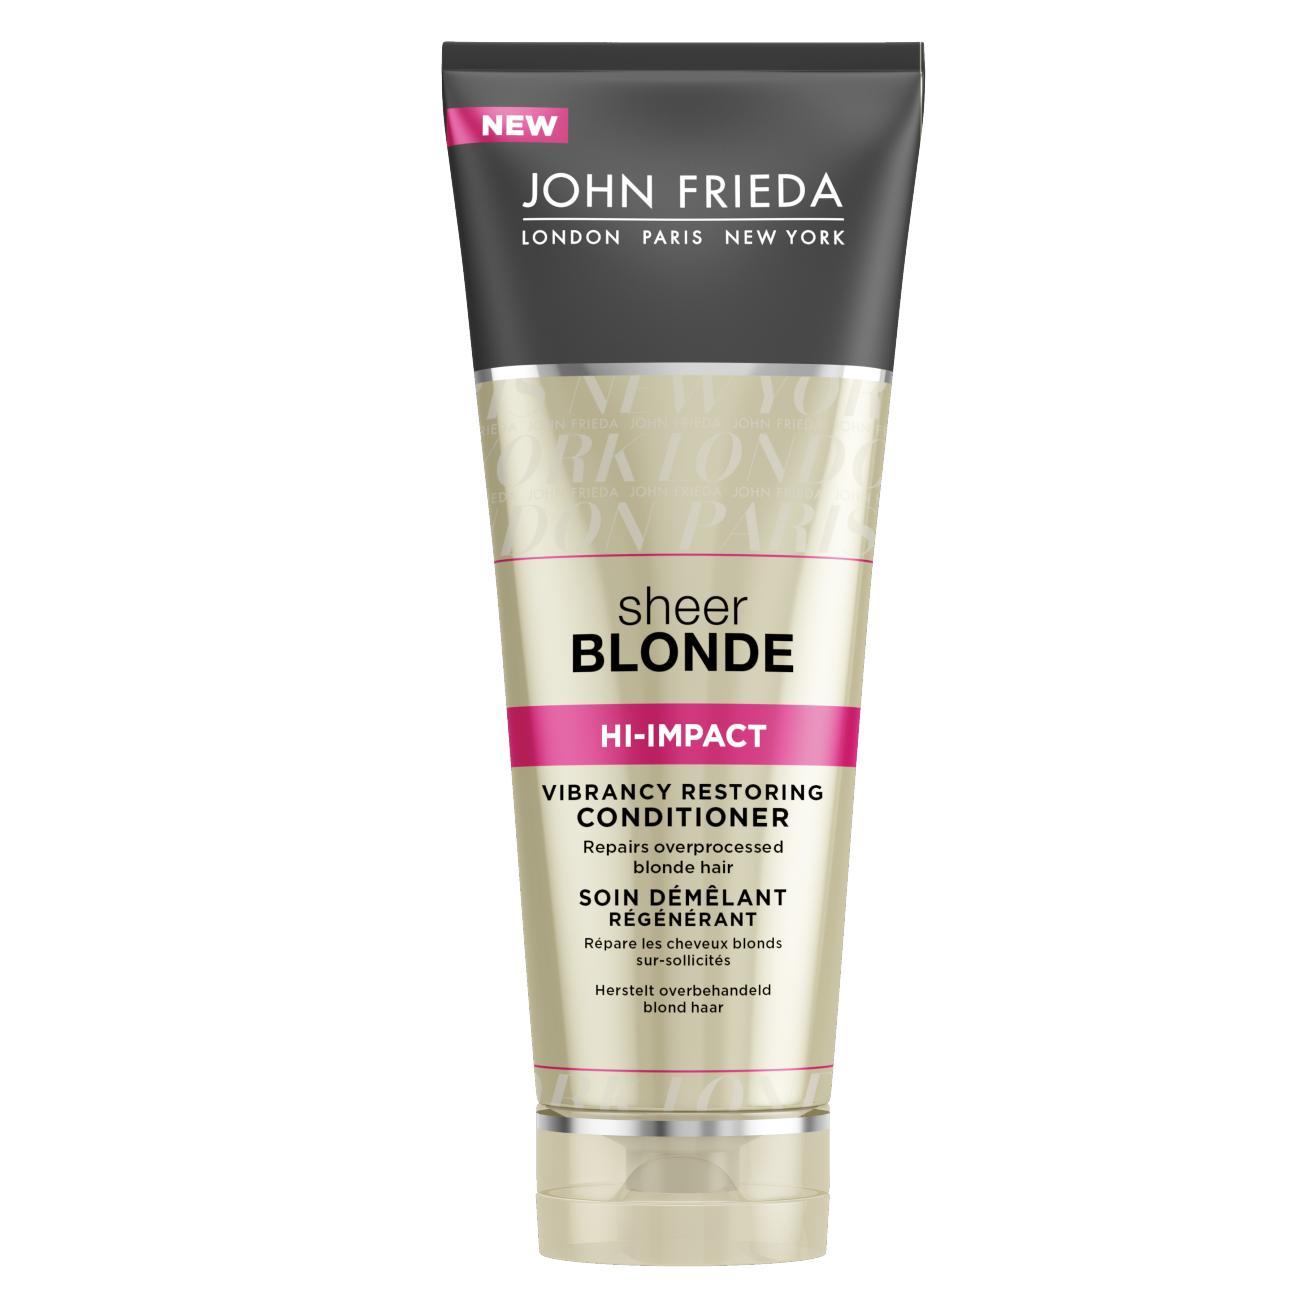 Кондиционер John Frieda Sheer Blonde для сильно поврежденных волос 250 мл<br>